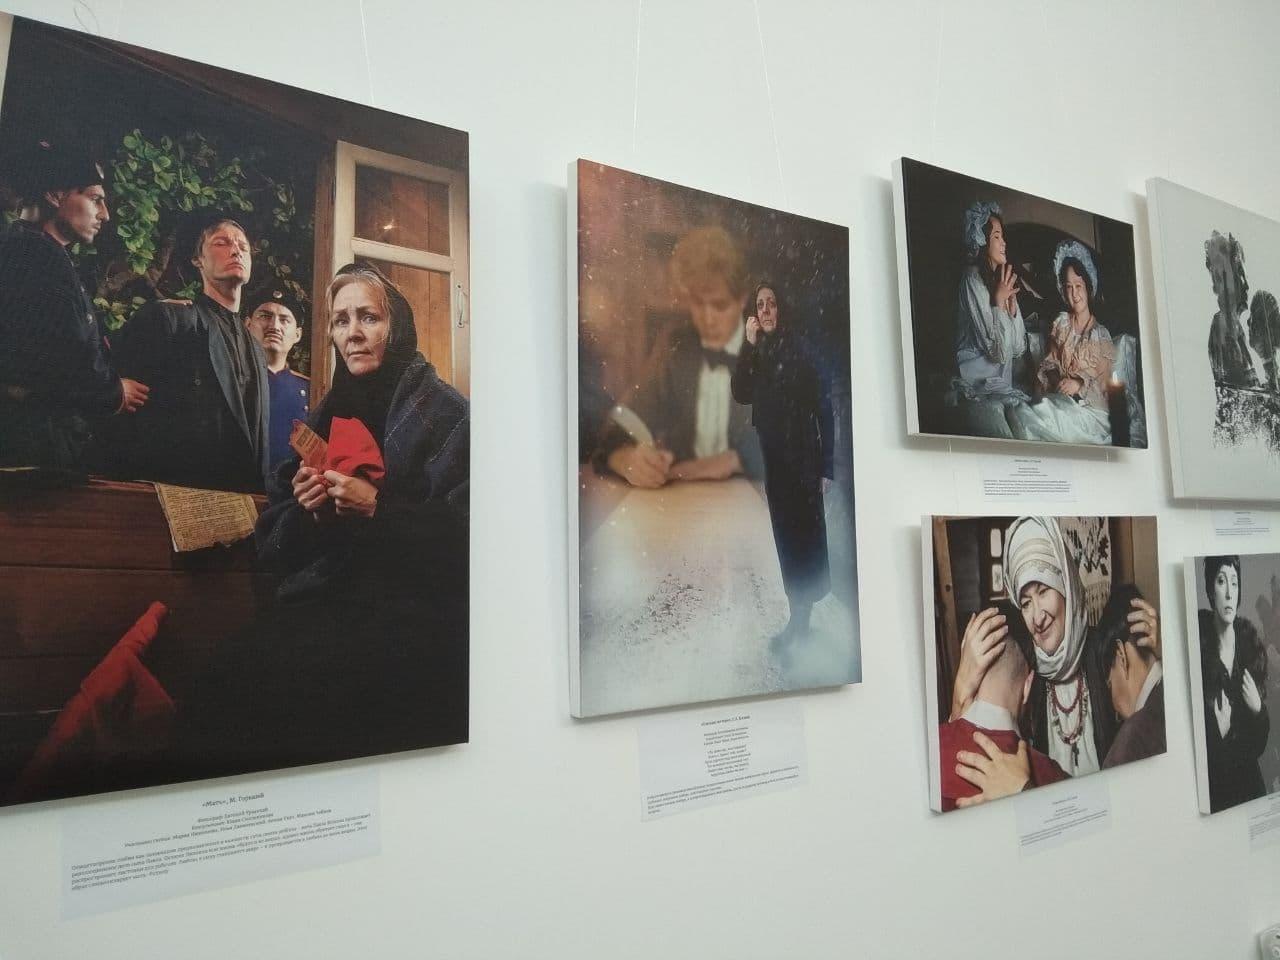 300 жителей Якутска сплотил фотопроект «Мама в книге». Выставка открылась в SMART Библиотеке